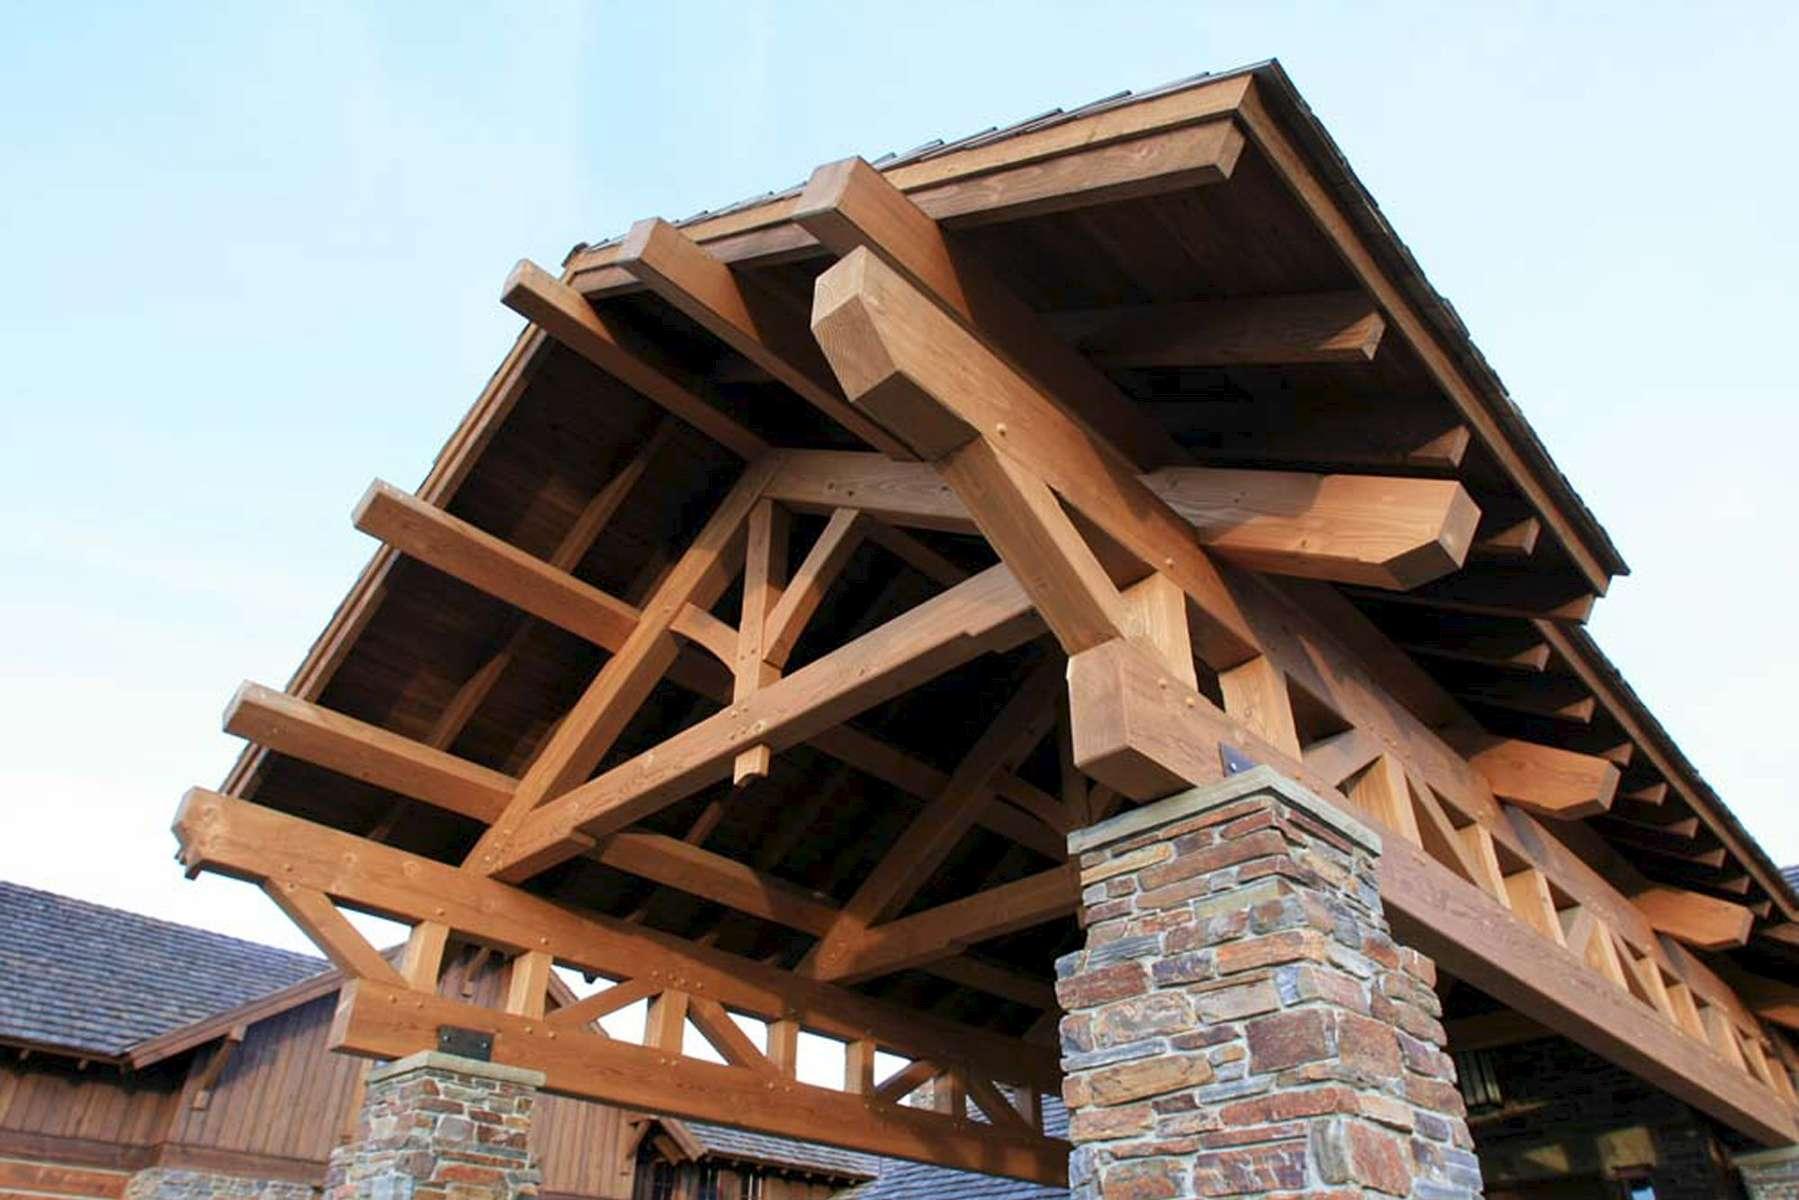 plan-west-design-firm-_-exteriors-179